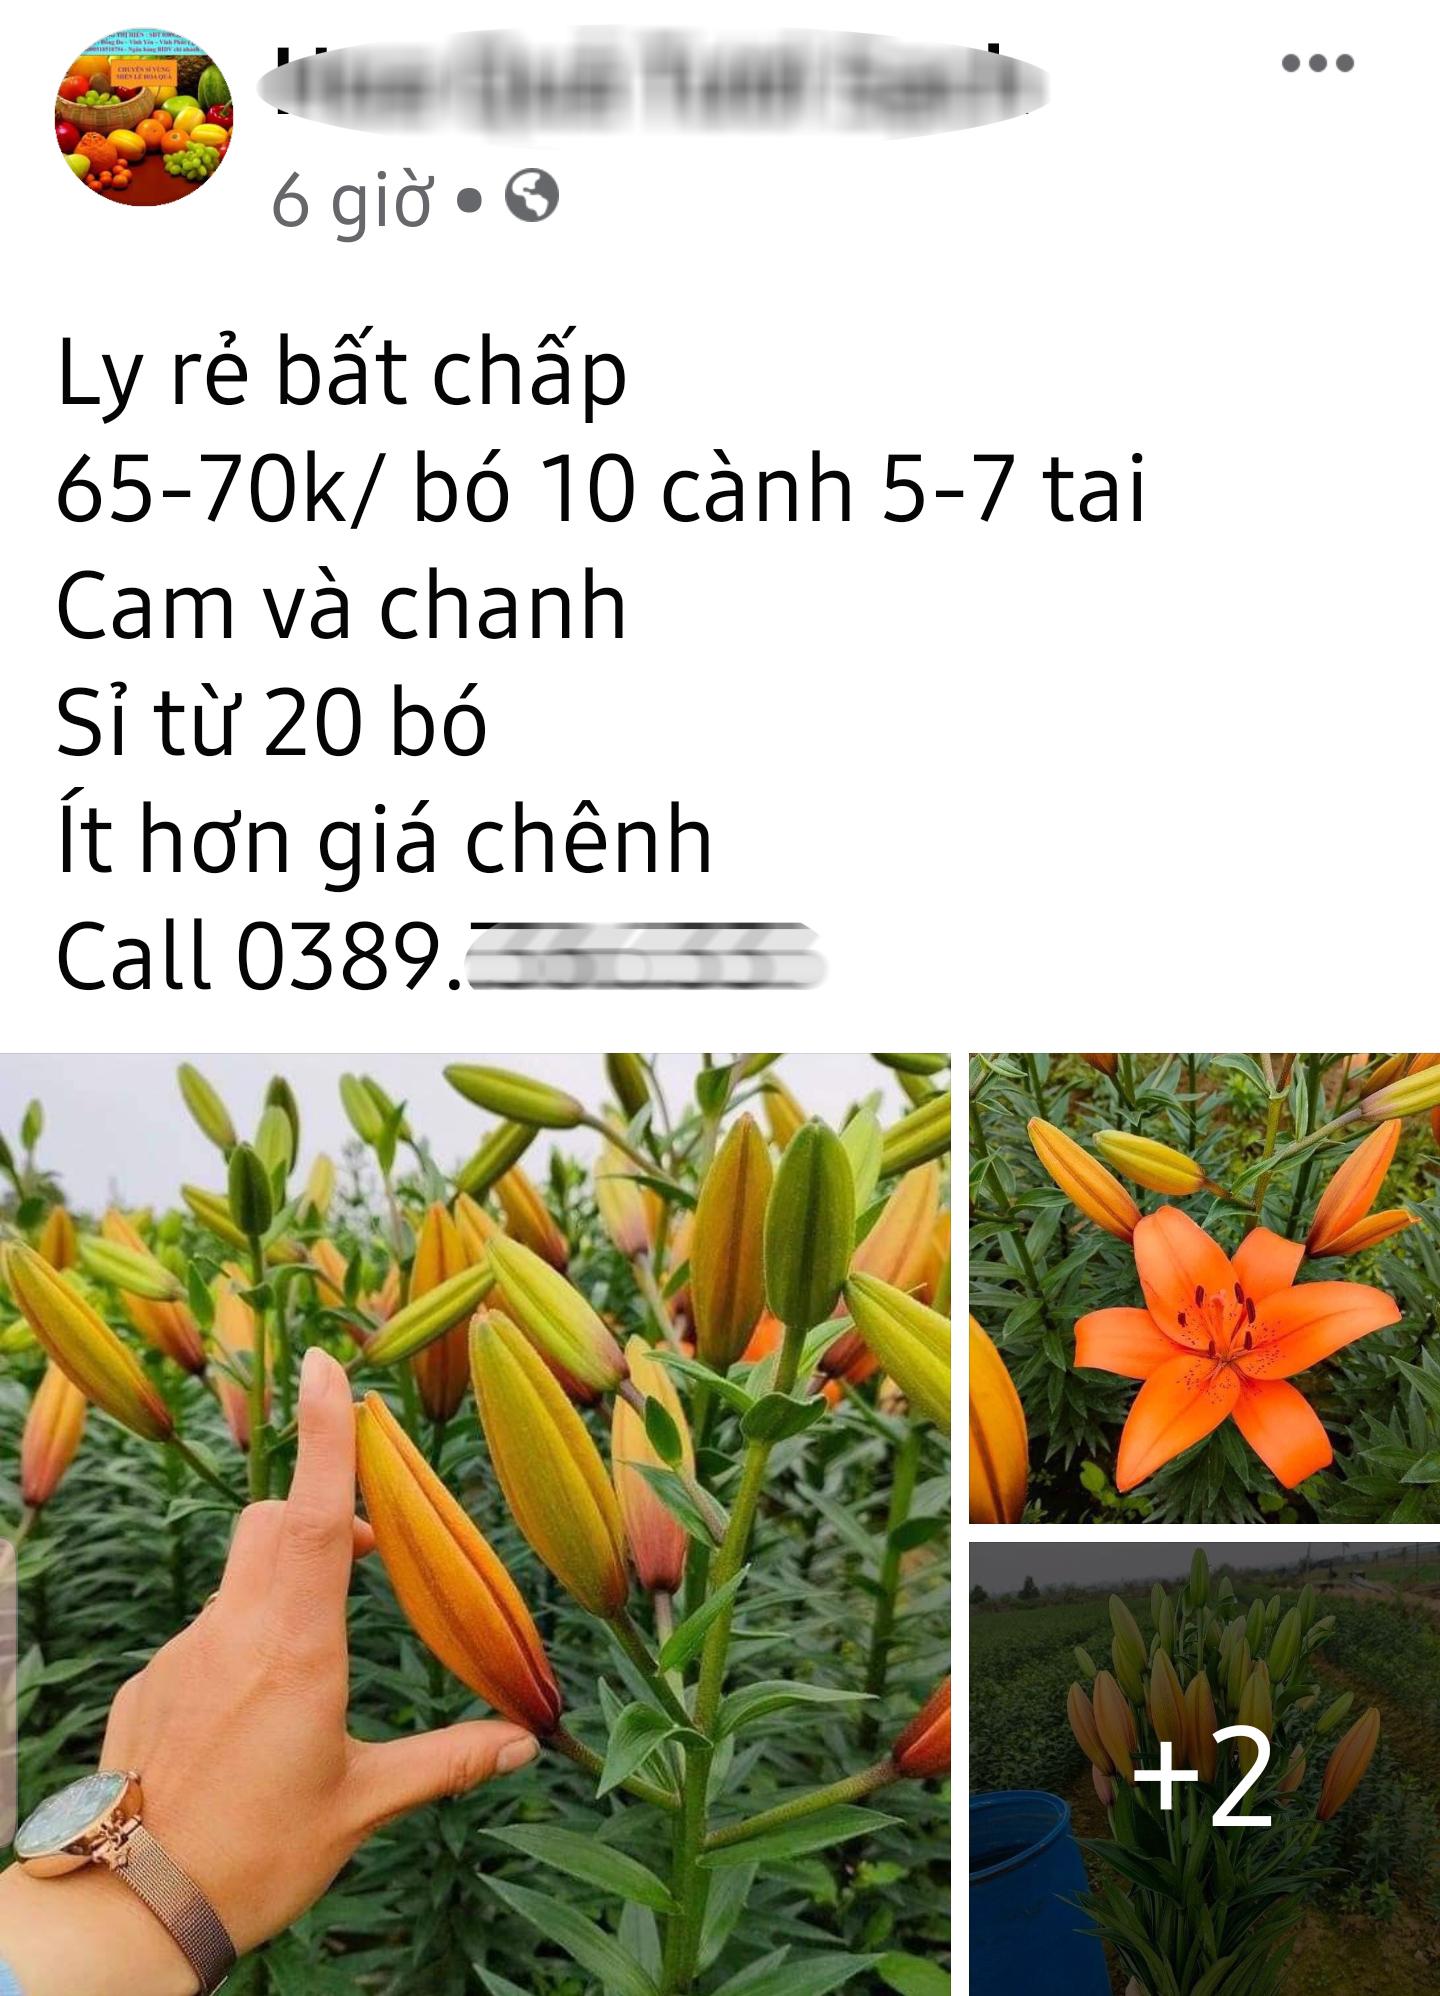 Hoa ly hàng xịn giảm giá sập sàn rẻ như rau, 7.000 đồng/cành sau Tết - Ảnh 2.